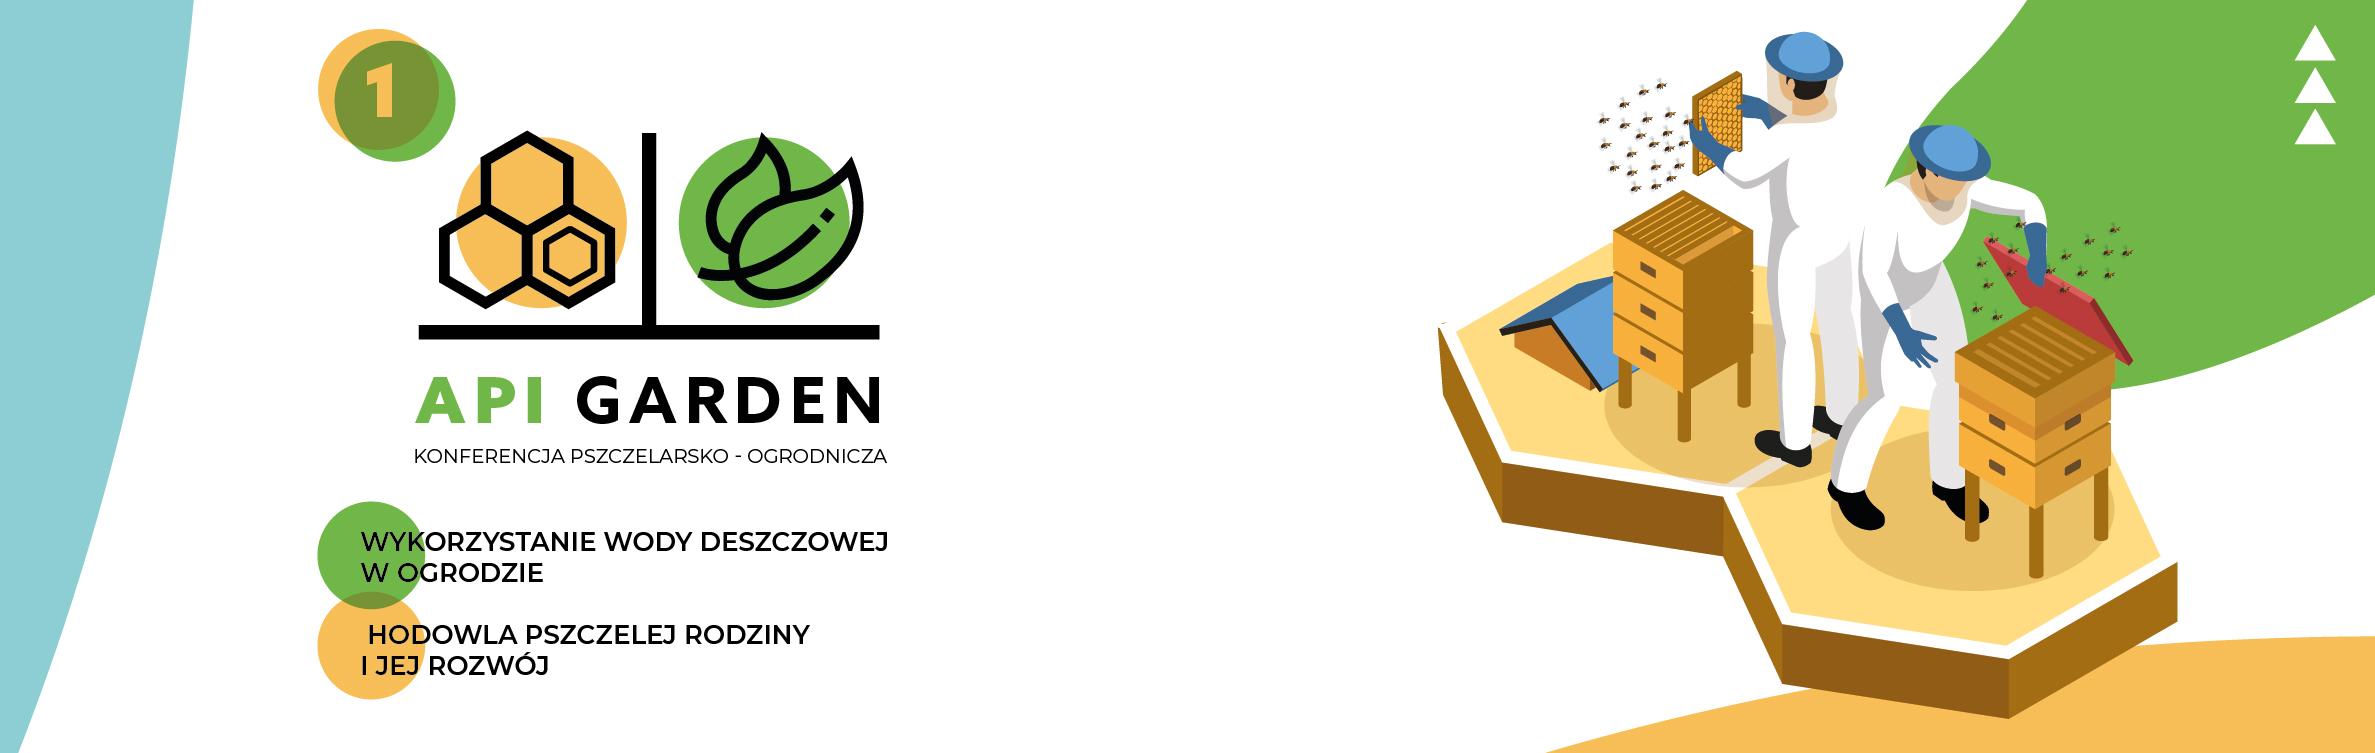 Konferencja API GARDEN – I edycja